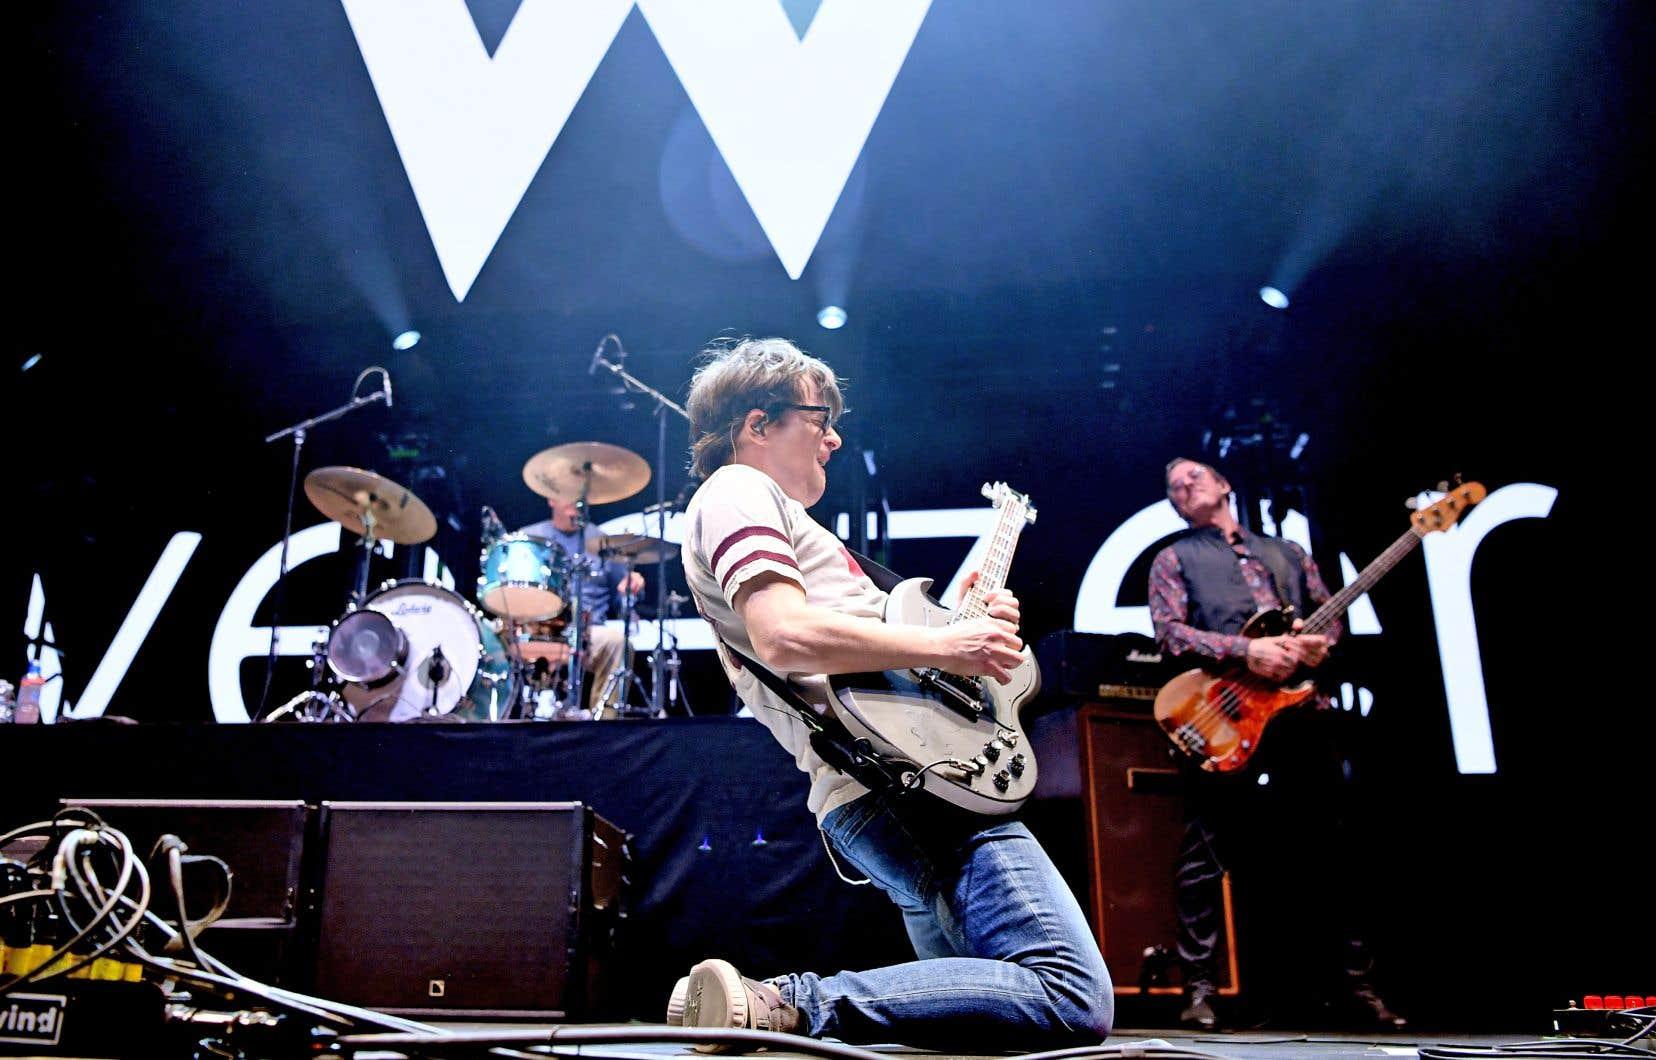 Le chanteur et guitariste Rivers Cuomo s'agenouille le temps d'un solo, lors d'un spectacle en Californie au début du mois de janvier.